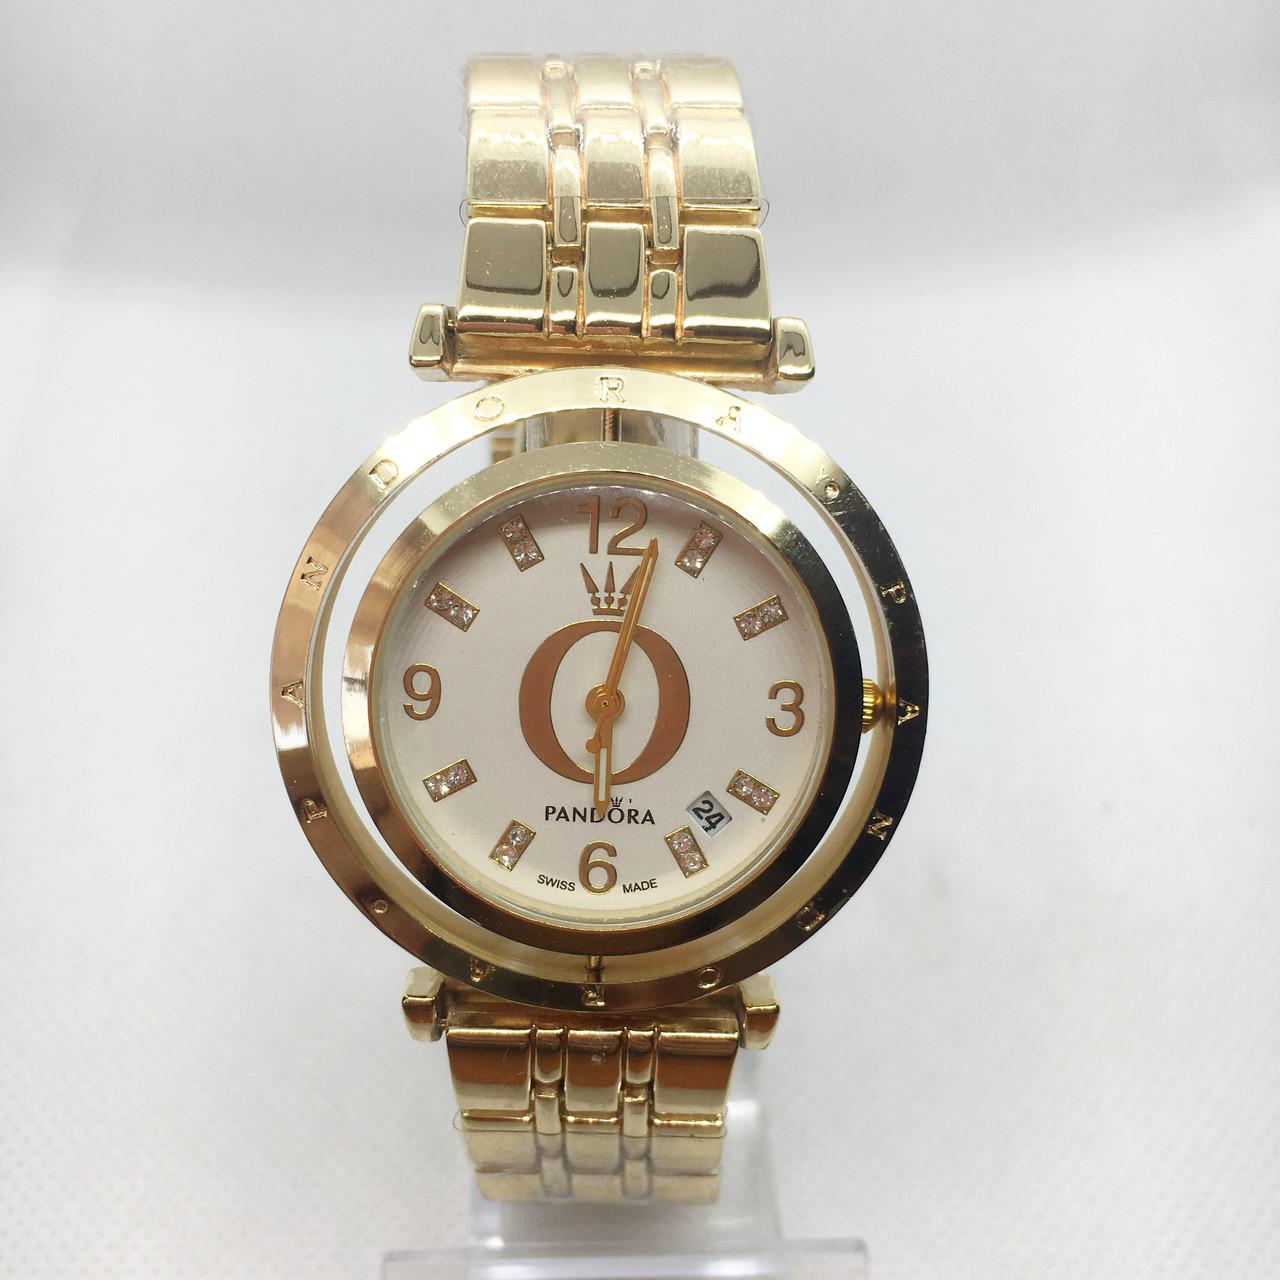 Часы женские наручные Pandora (Пандора), цвет золото с белым циферблатом ( код: IBW393YO )